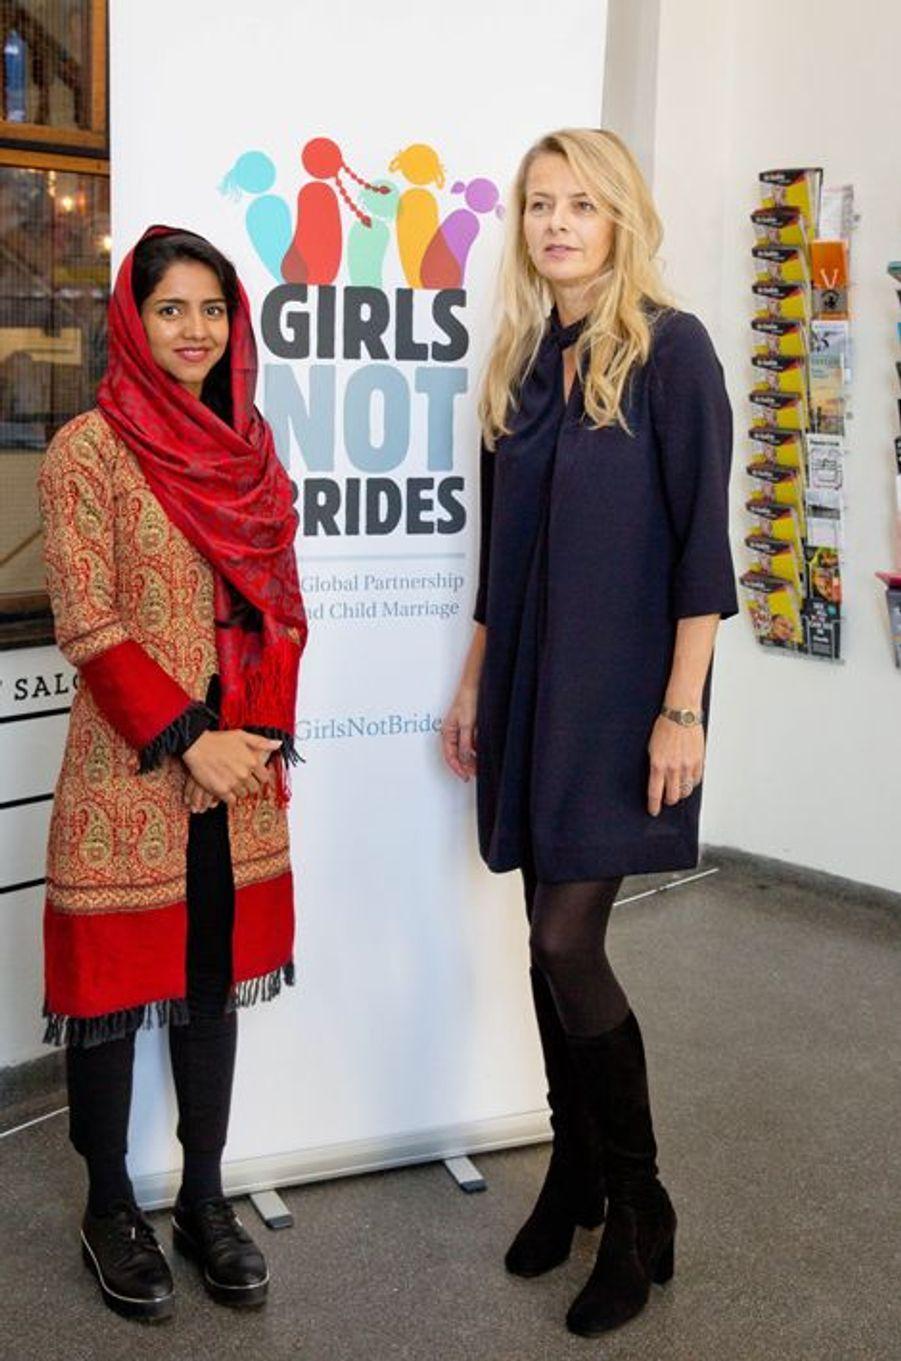 La princesse Mabel des Pays-Bas avec Sonita Alizadeh à Amsterdam, le 23 novembre 2015